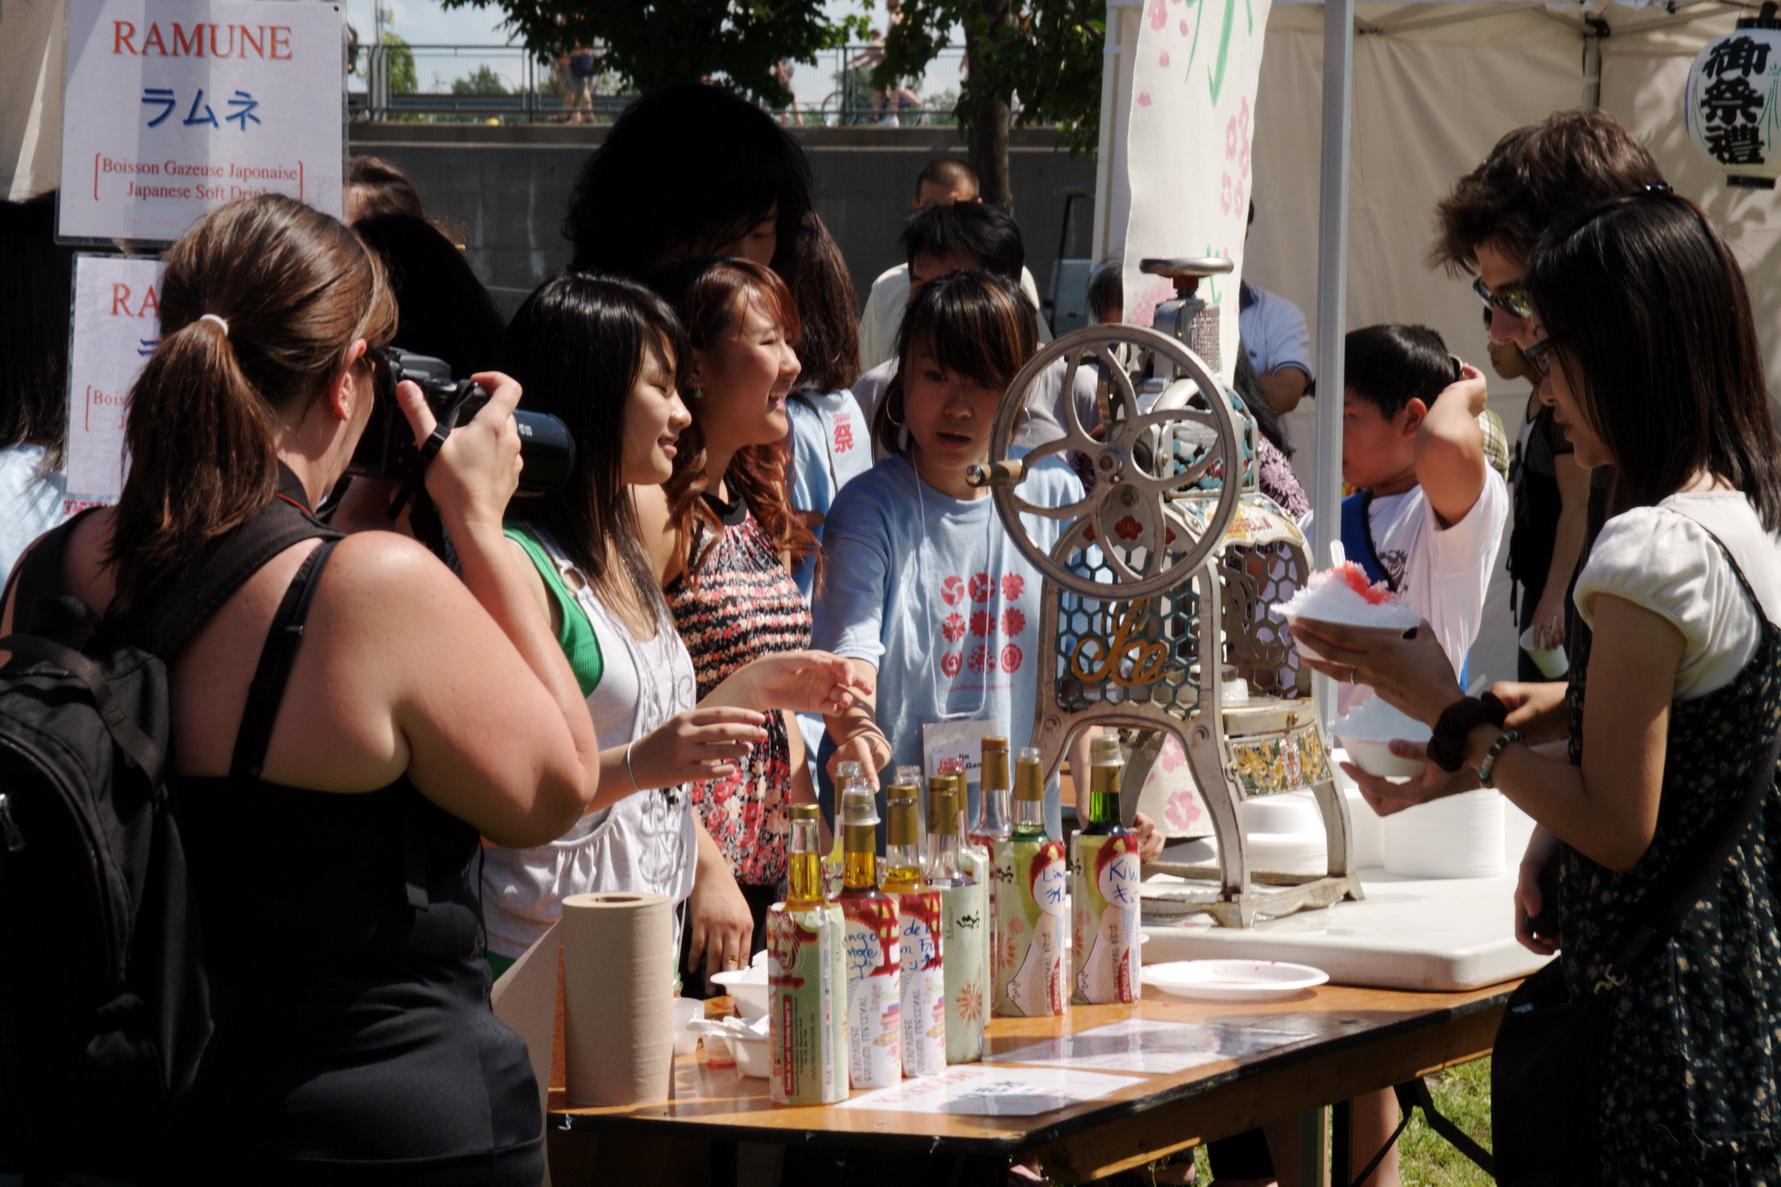 À l'occasion de ce matsuri, le public pouvait se régaler de la barbe à papa, du kakigori (glace pilée sucrée) et des boissons non-alcoolisées